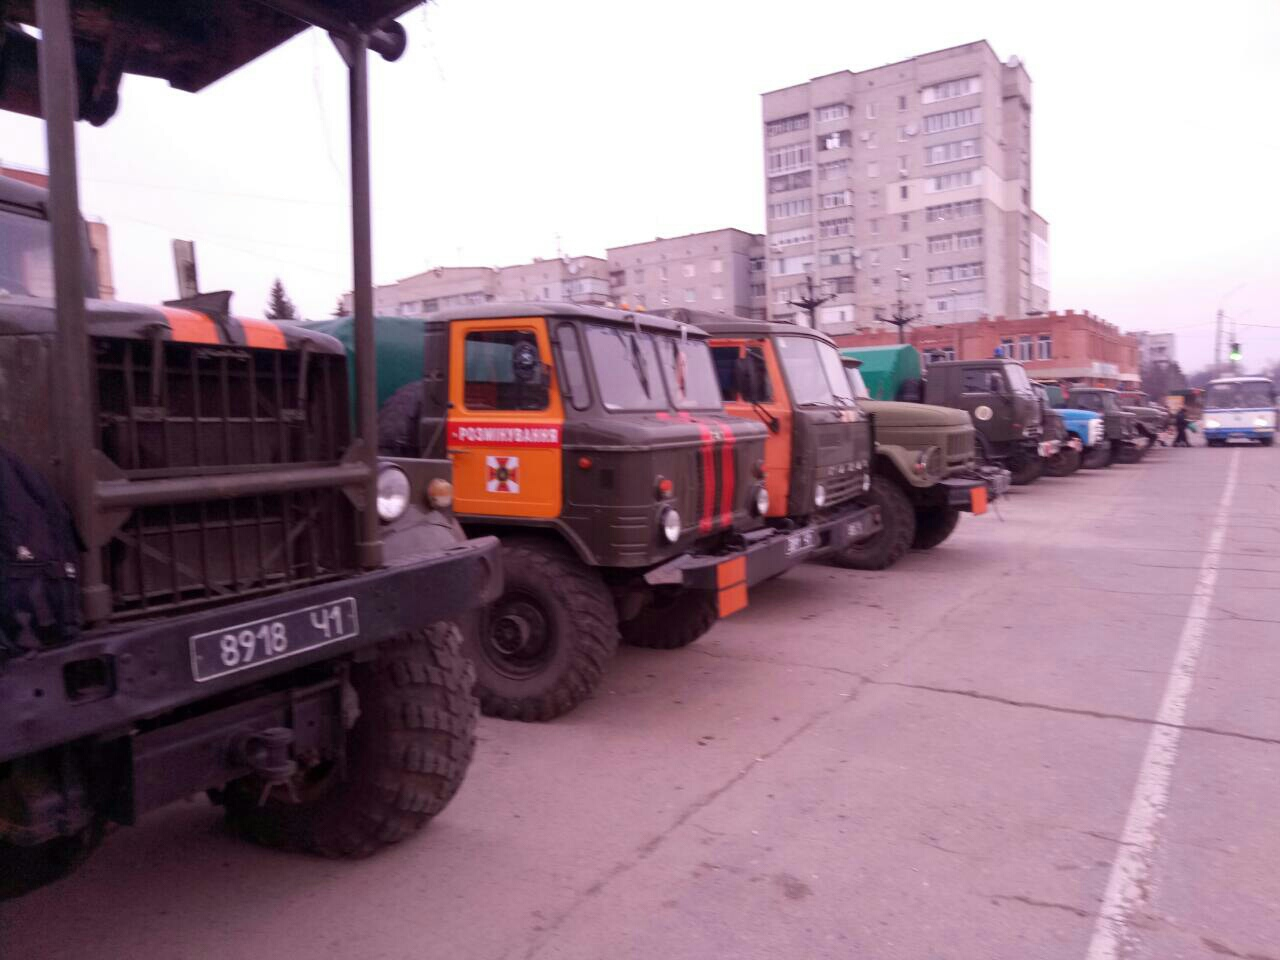 Територію міста Балаклія та прилеглих населених пунктів очищено від вибухонебезпечних предметів – МВС